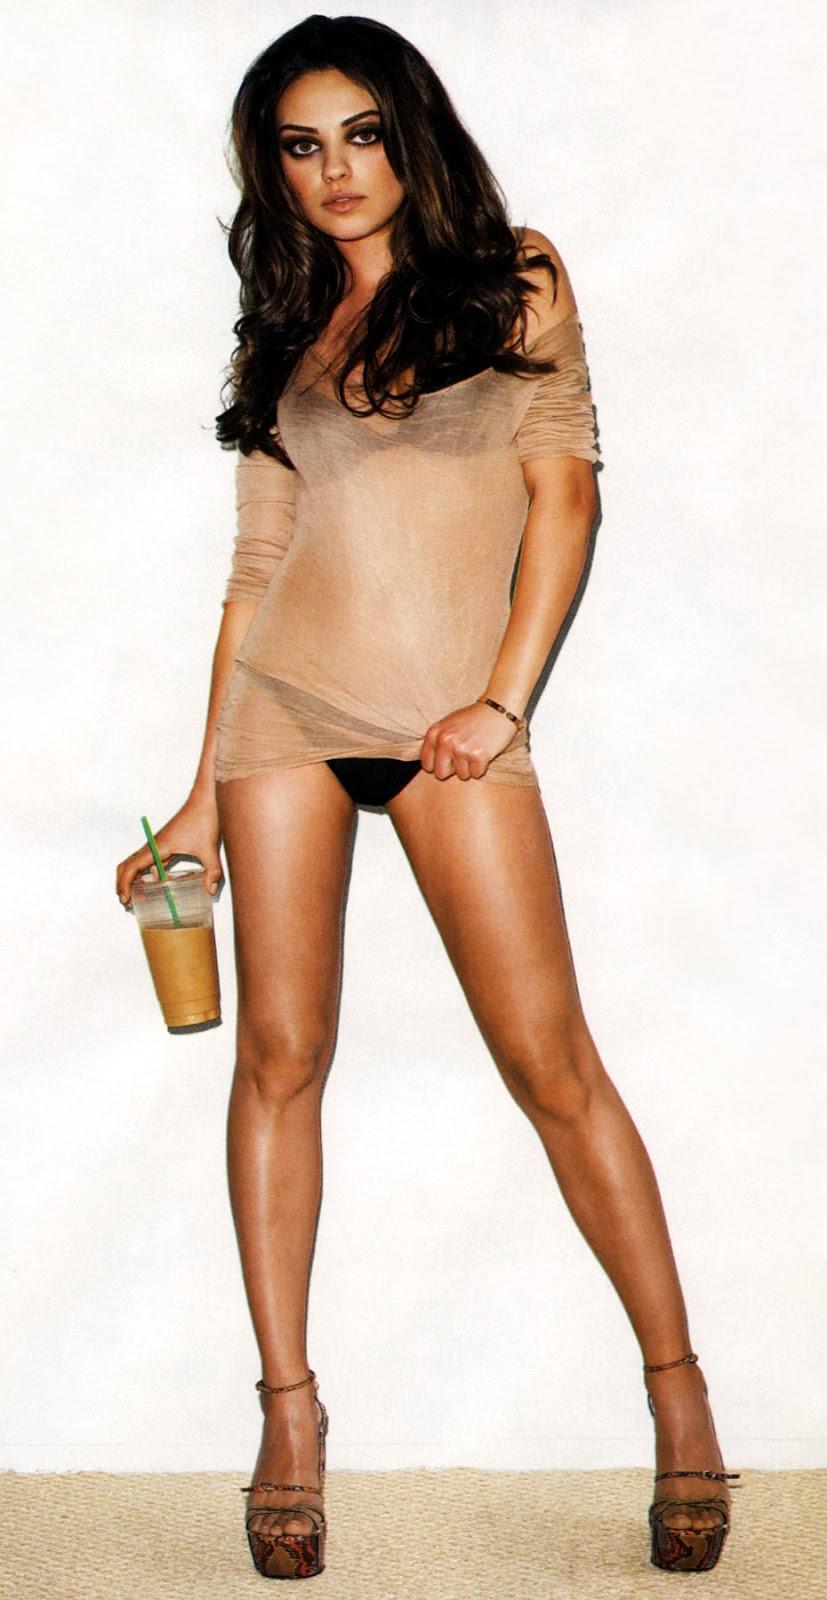 Мила Кунис белье ноги Mila Kunis underwear legs sexy